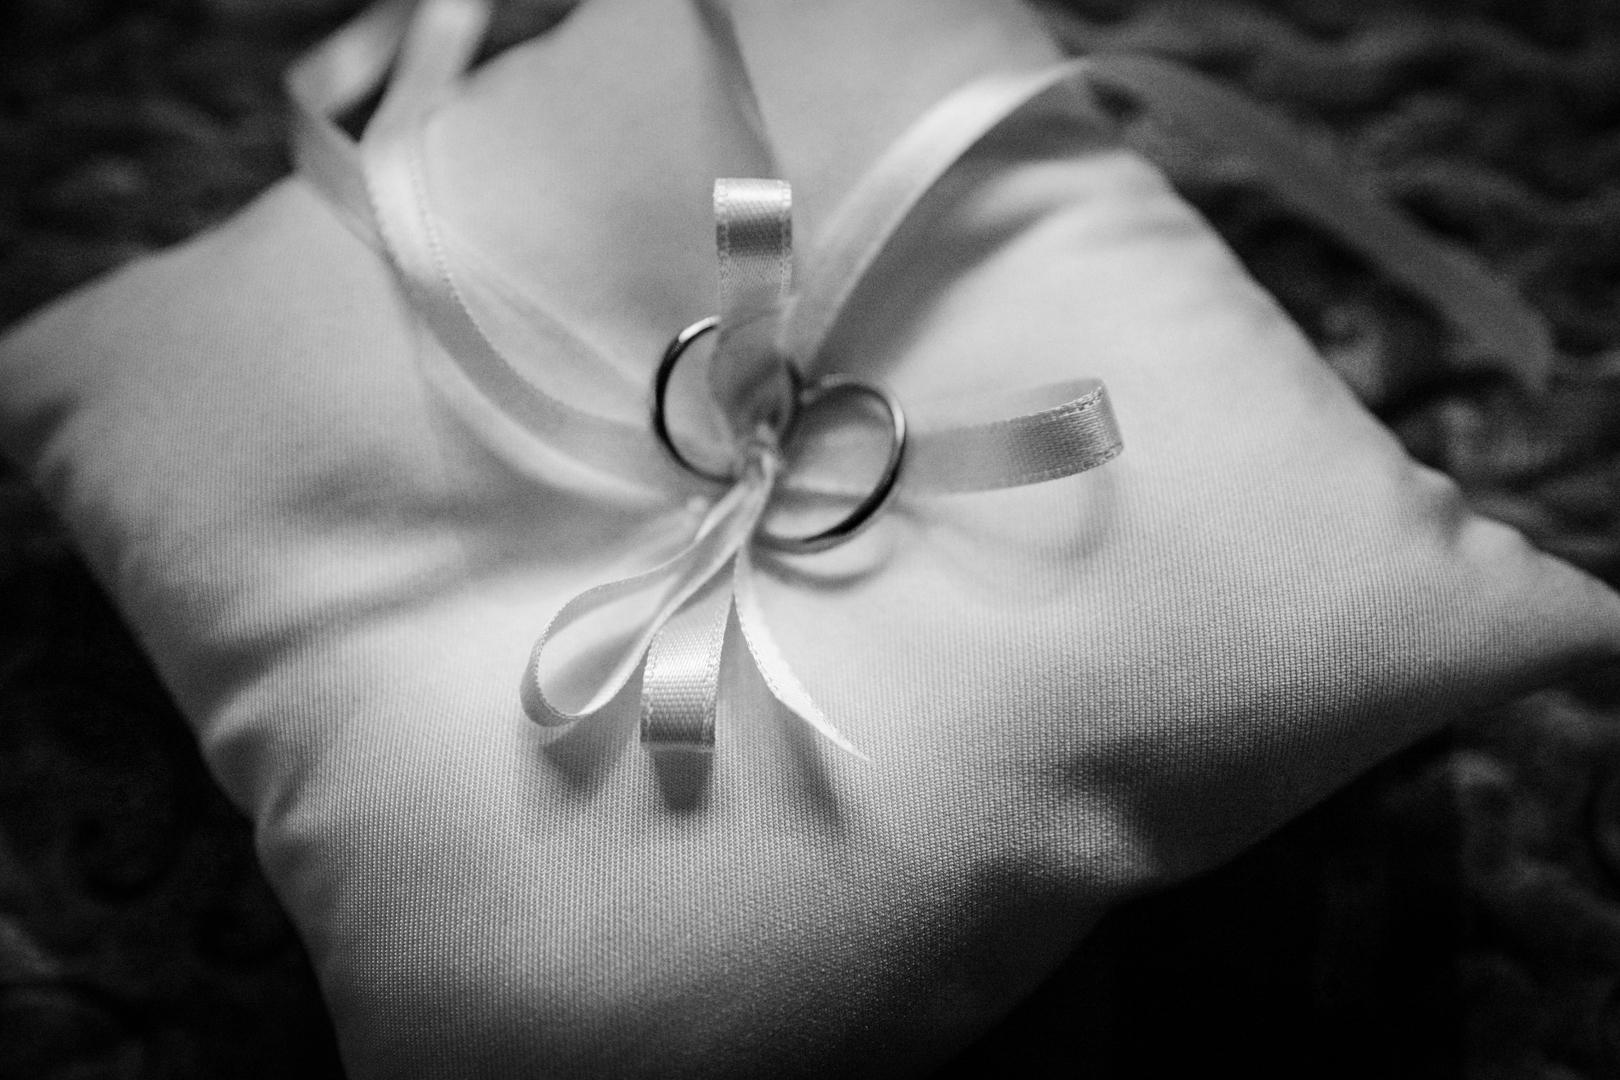 monica sica-LA LOCANDA DELLA MAISON VERTE-matrimonio-028